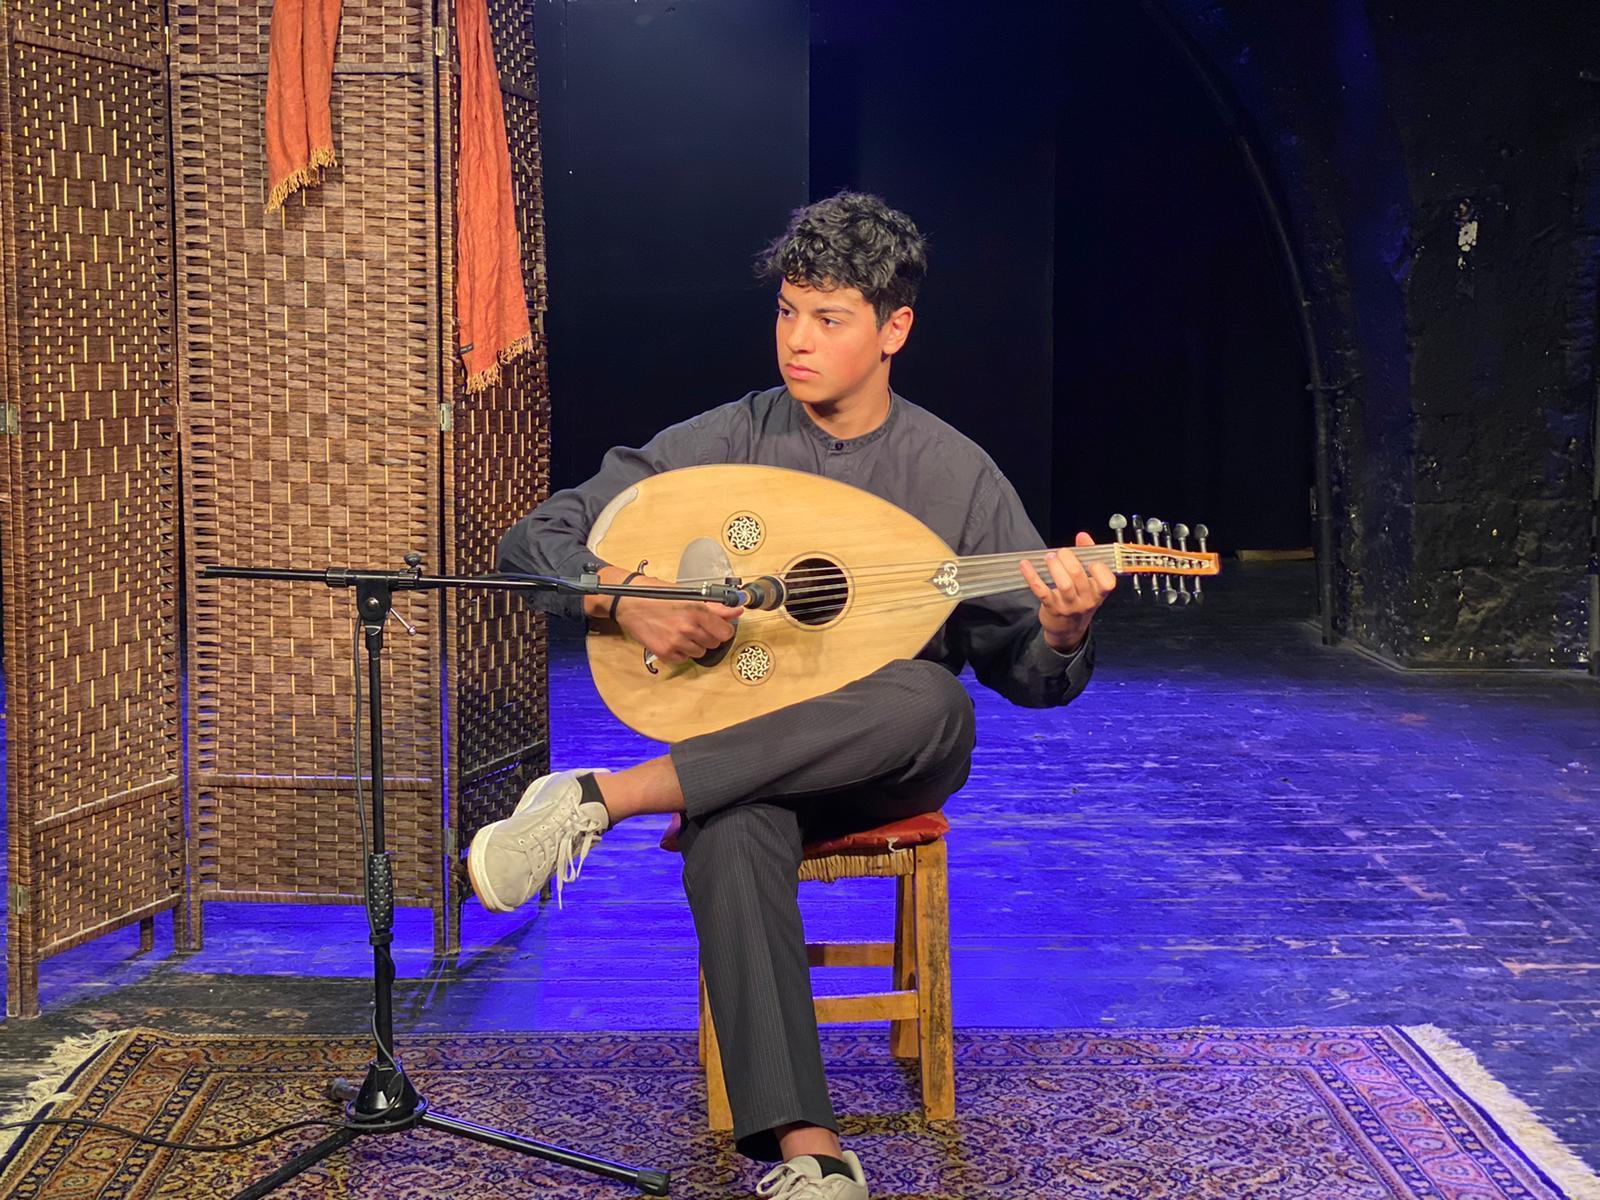 مسرح السرايا يختتم مهرجان أيام يافا الثقافية